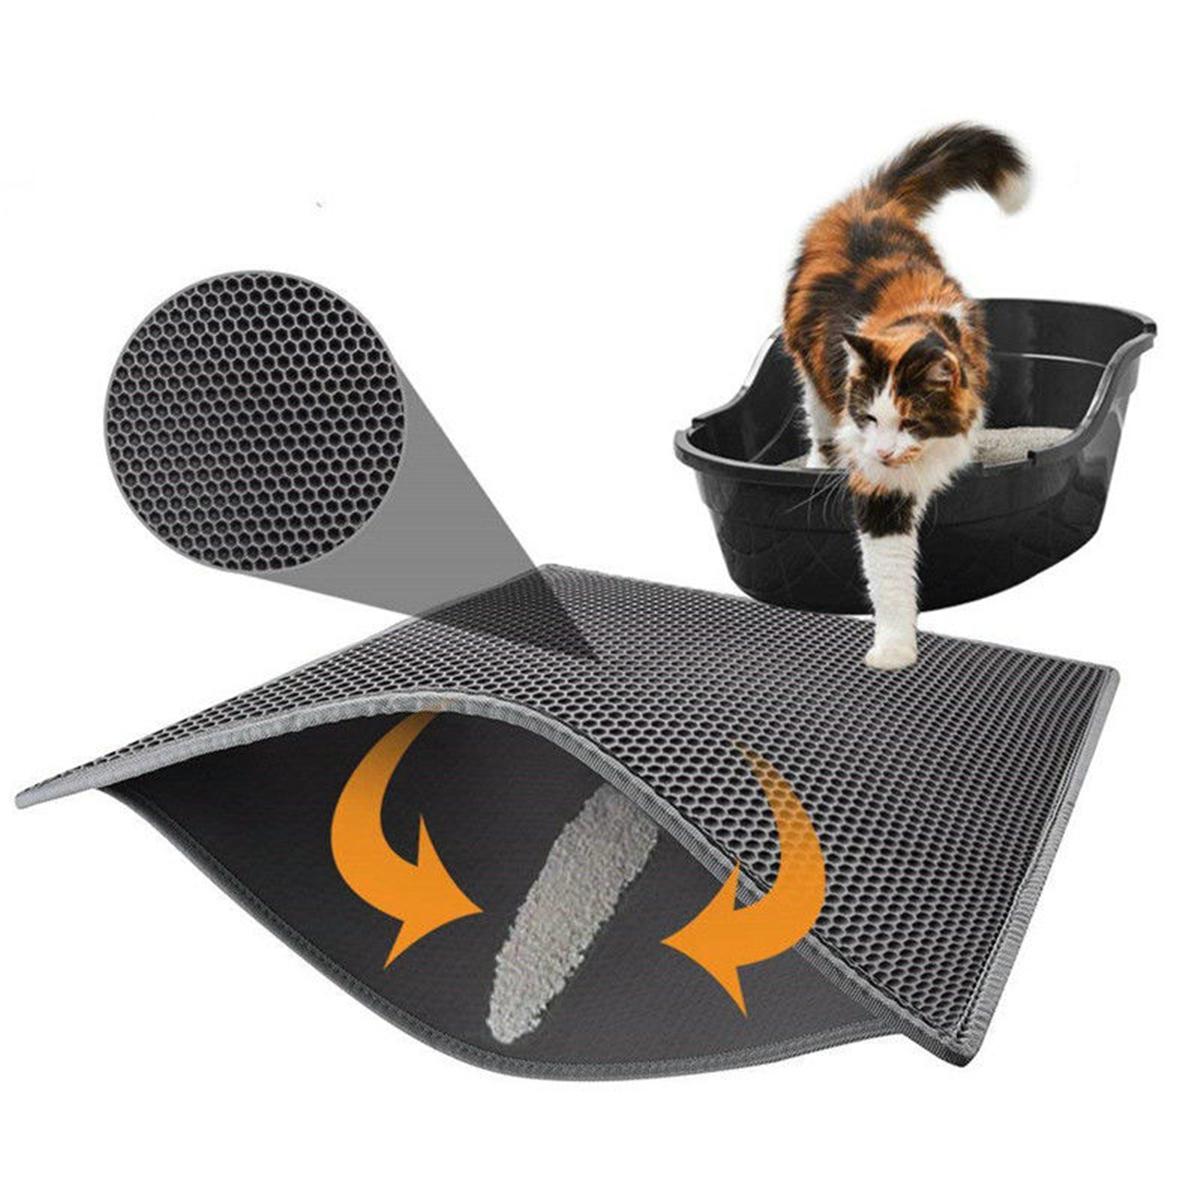 Waterproof Double Layer Cat Litter Mat Pet Kitten Trapper